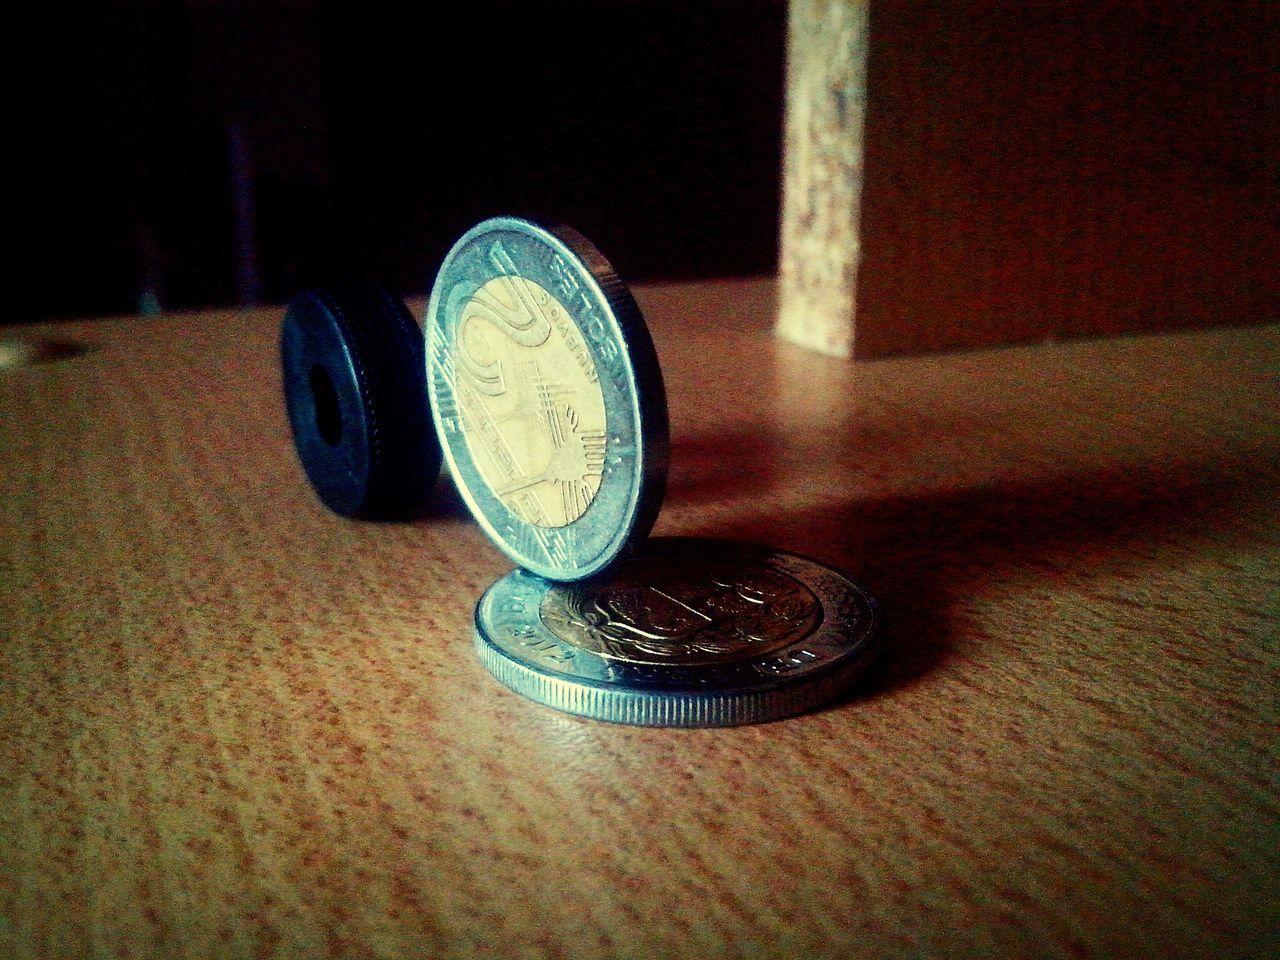 My money :3